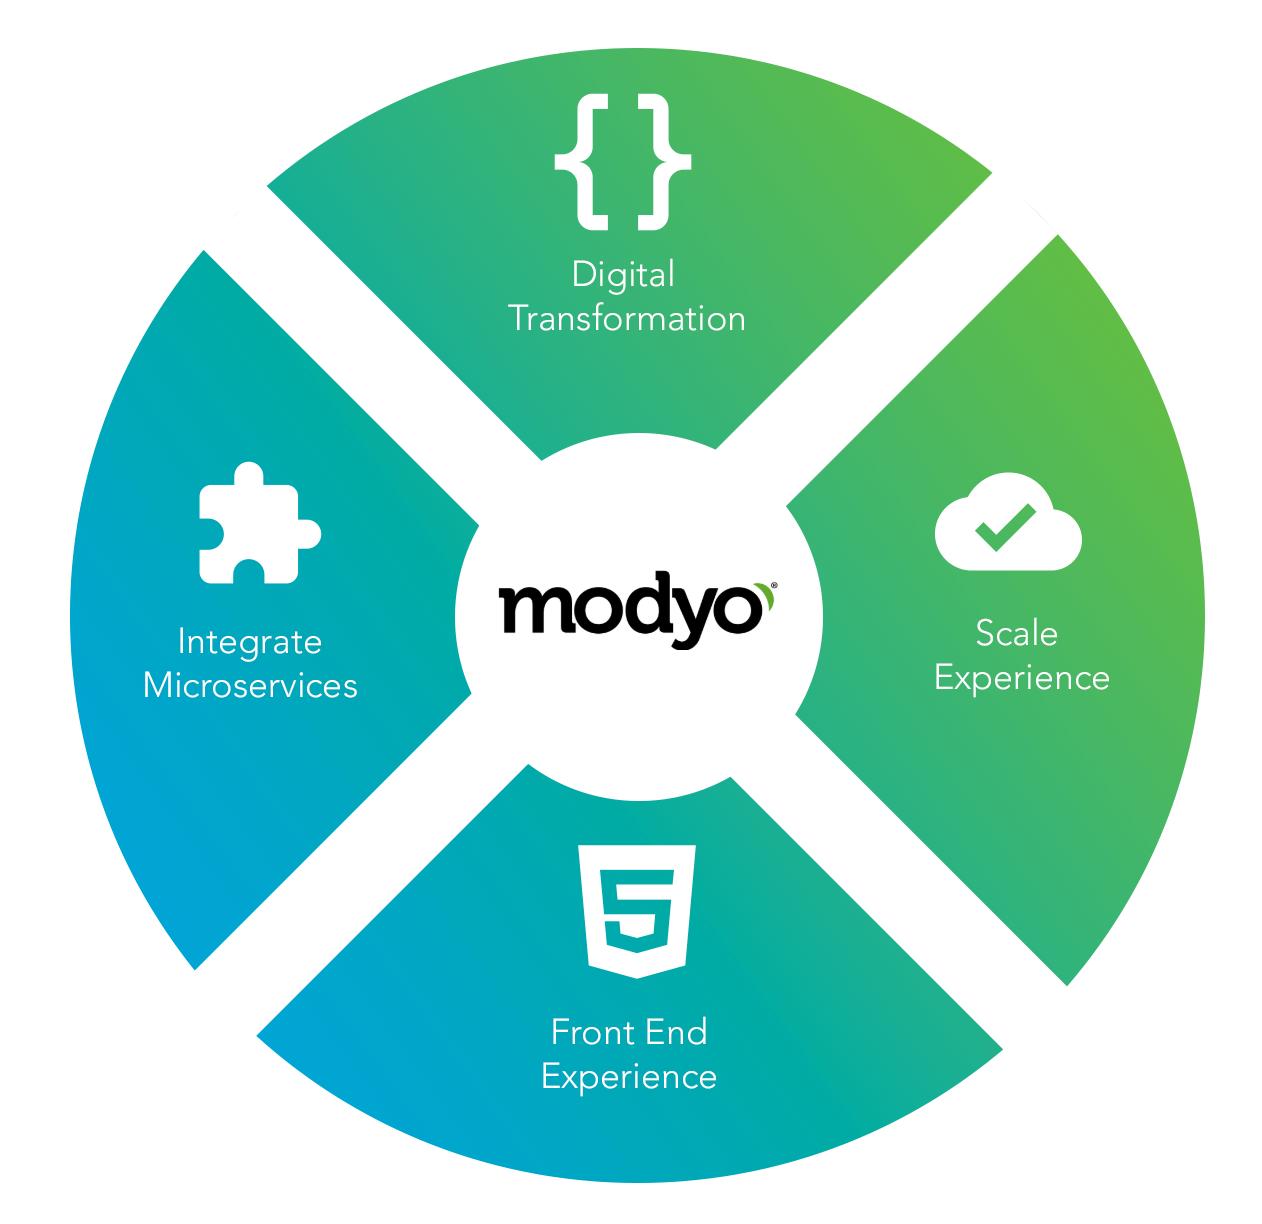 Gráfico circular con 4 funcionalidades de Modyo, transformación digital, integración a microservicios, escalabilidad y experiencia front end